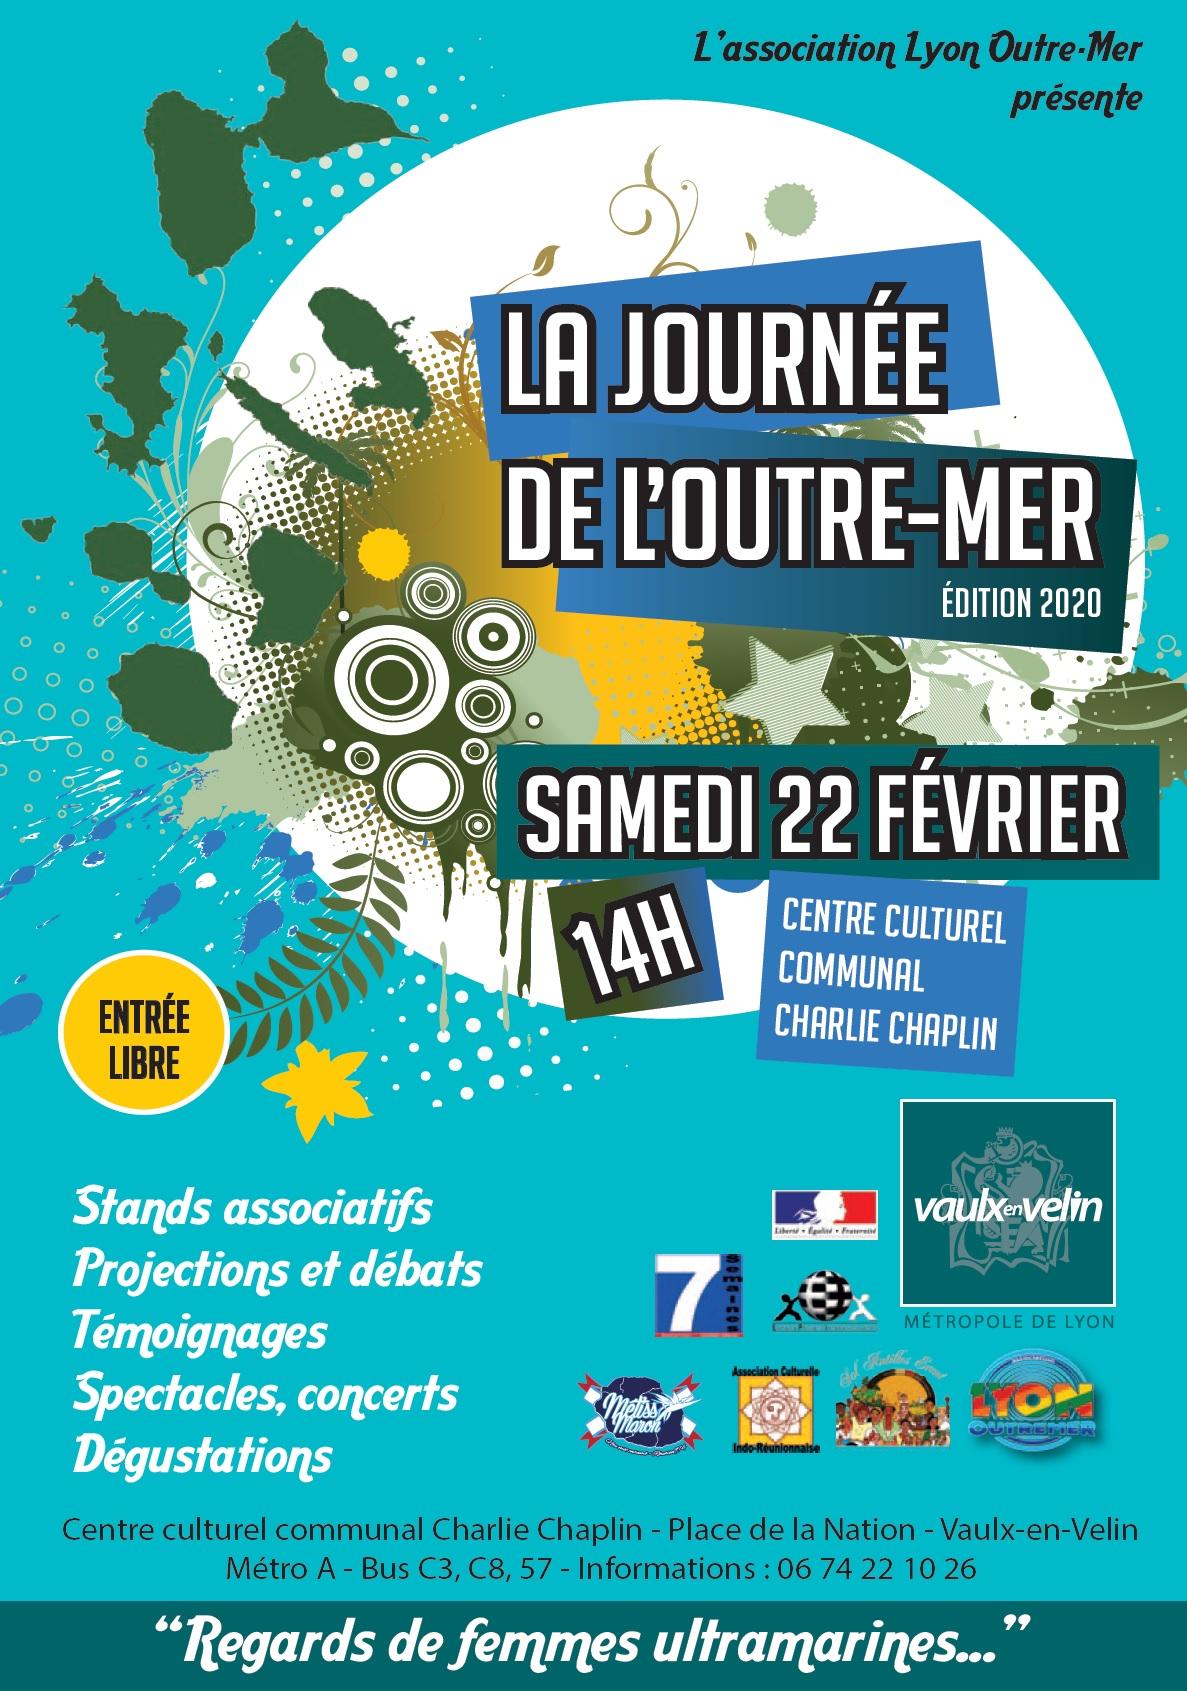 """[OUTRE-MER] La journée de l'Outre-Mer autour de la thématique """"Regards de femmes ultramarines"""" à Vaulx samedi 22 février 2020"""